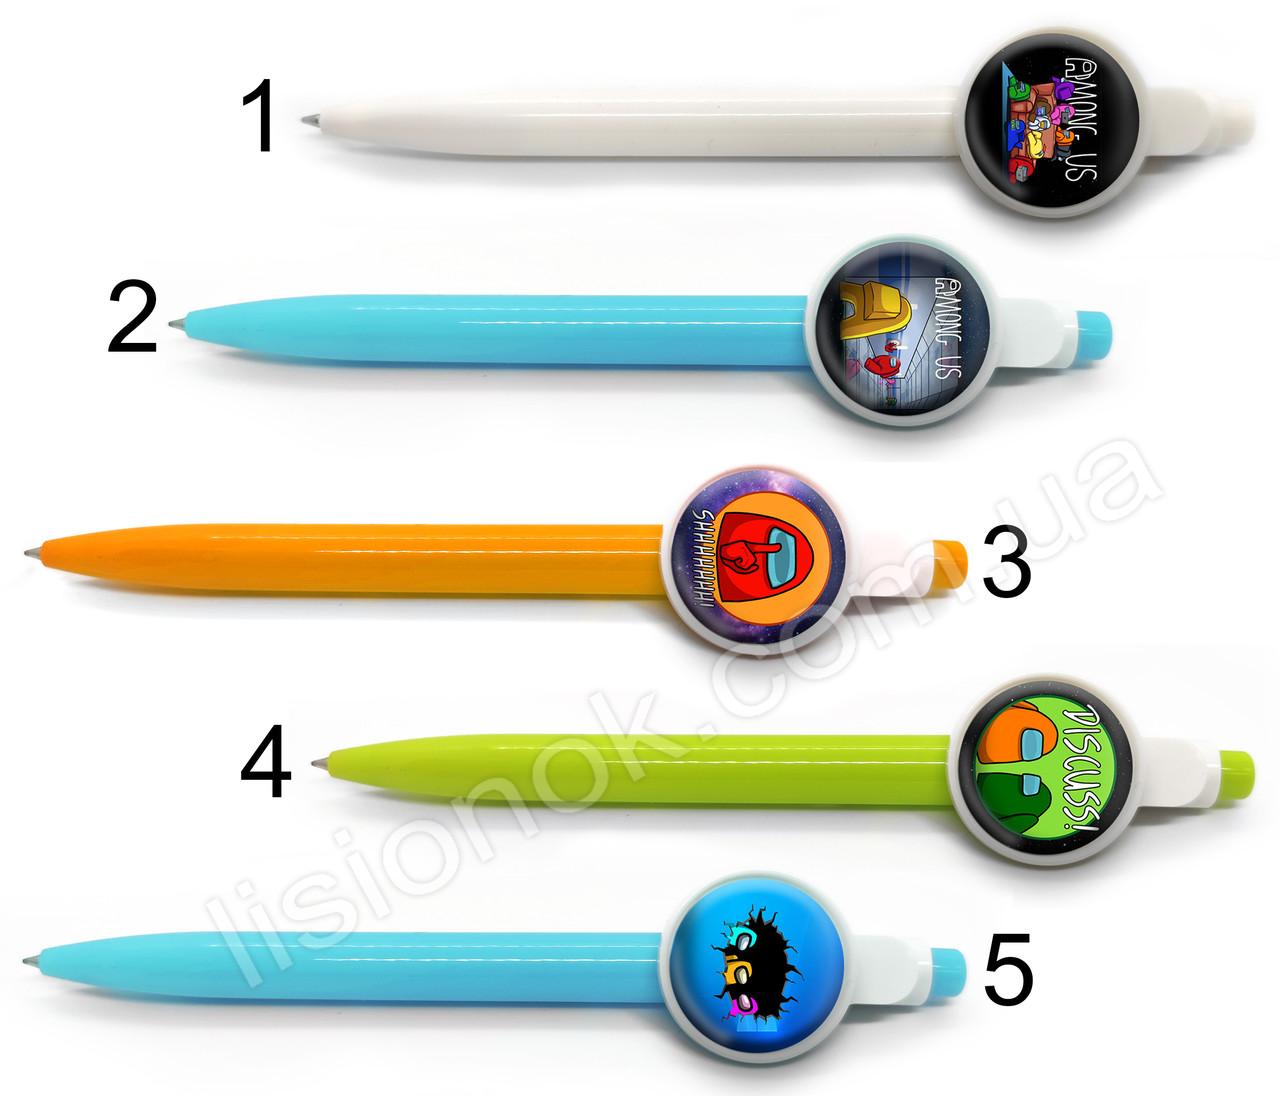 Кулькова ручка Амонг Ас, яскрава та стильна, з героями улюбленої гри Among Us, синя паста